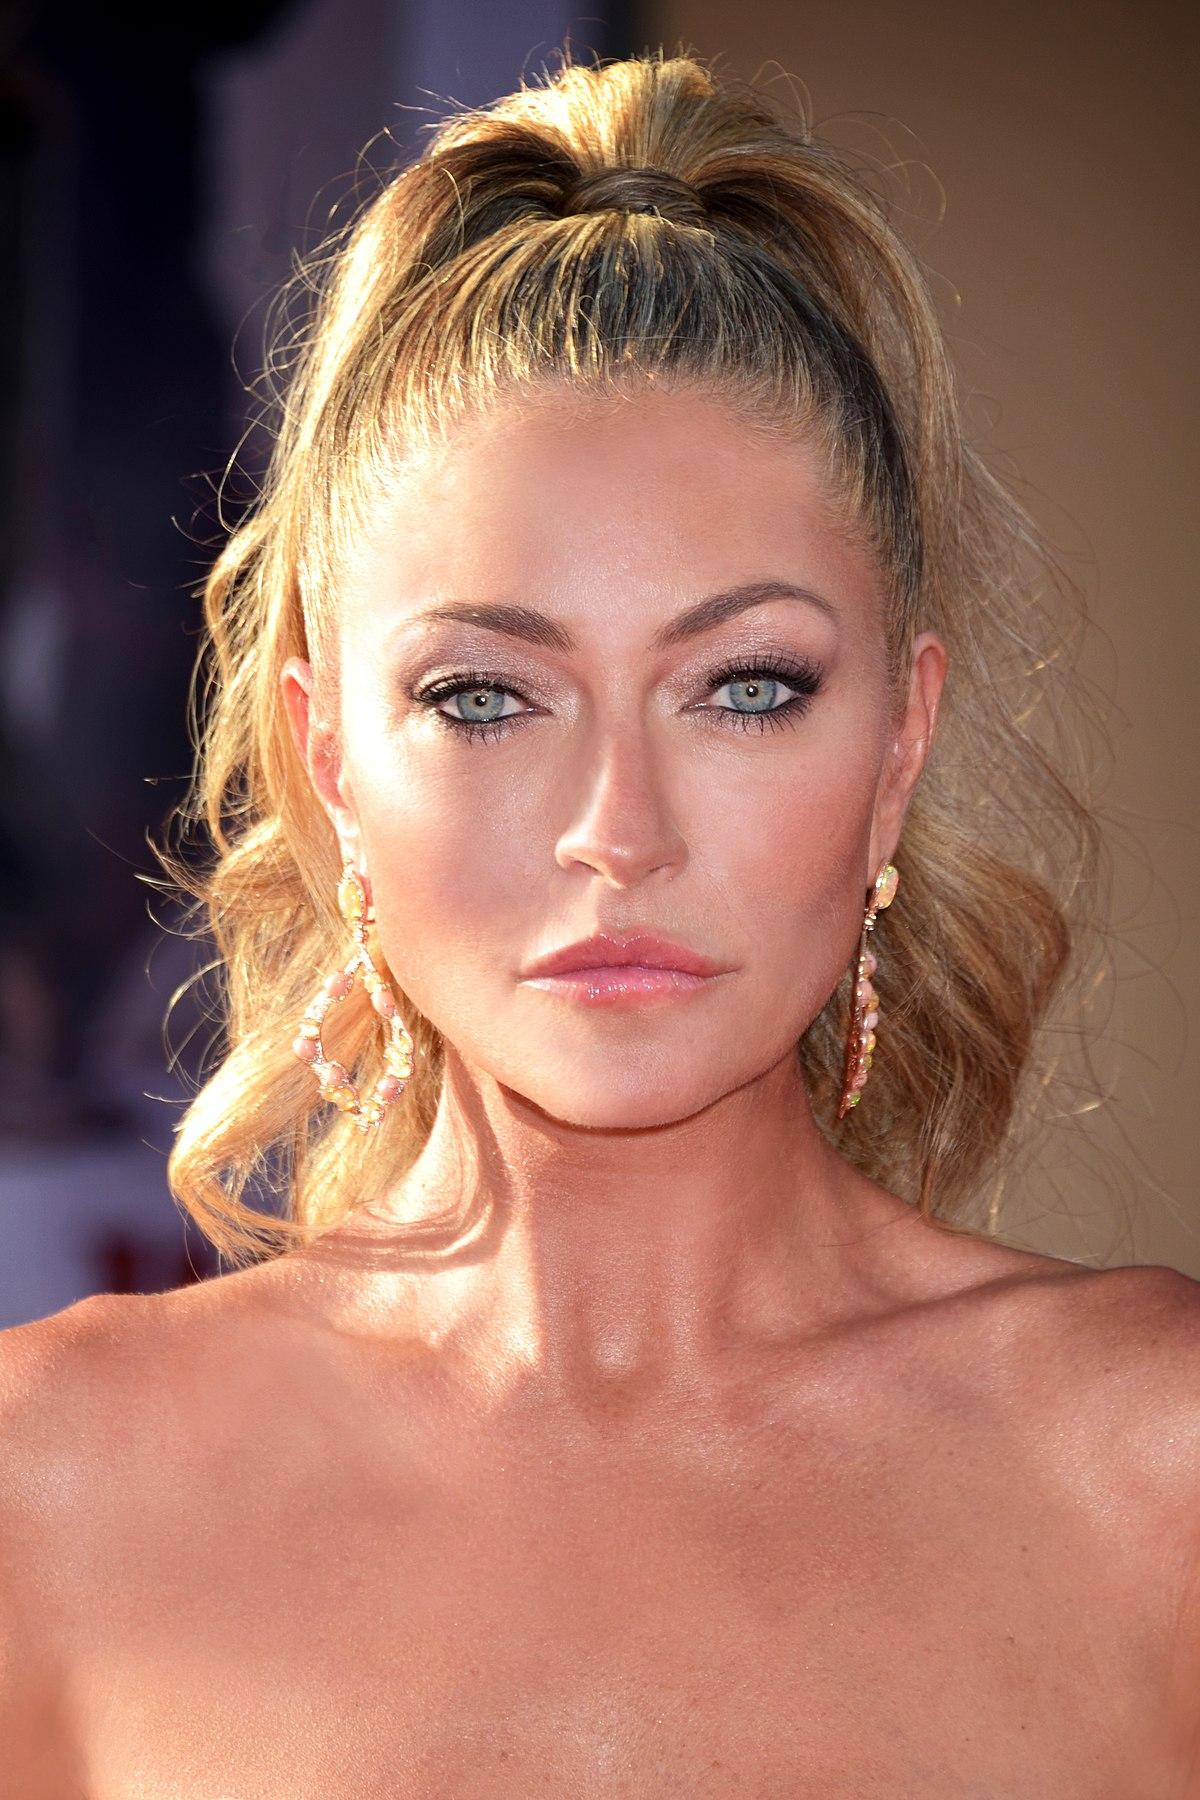 Rebecca Gayheart - Wikipedia-3699